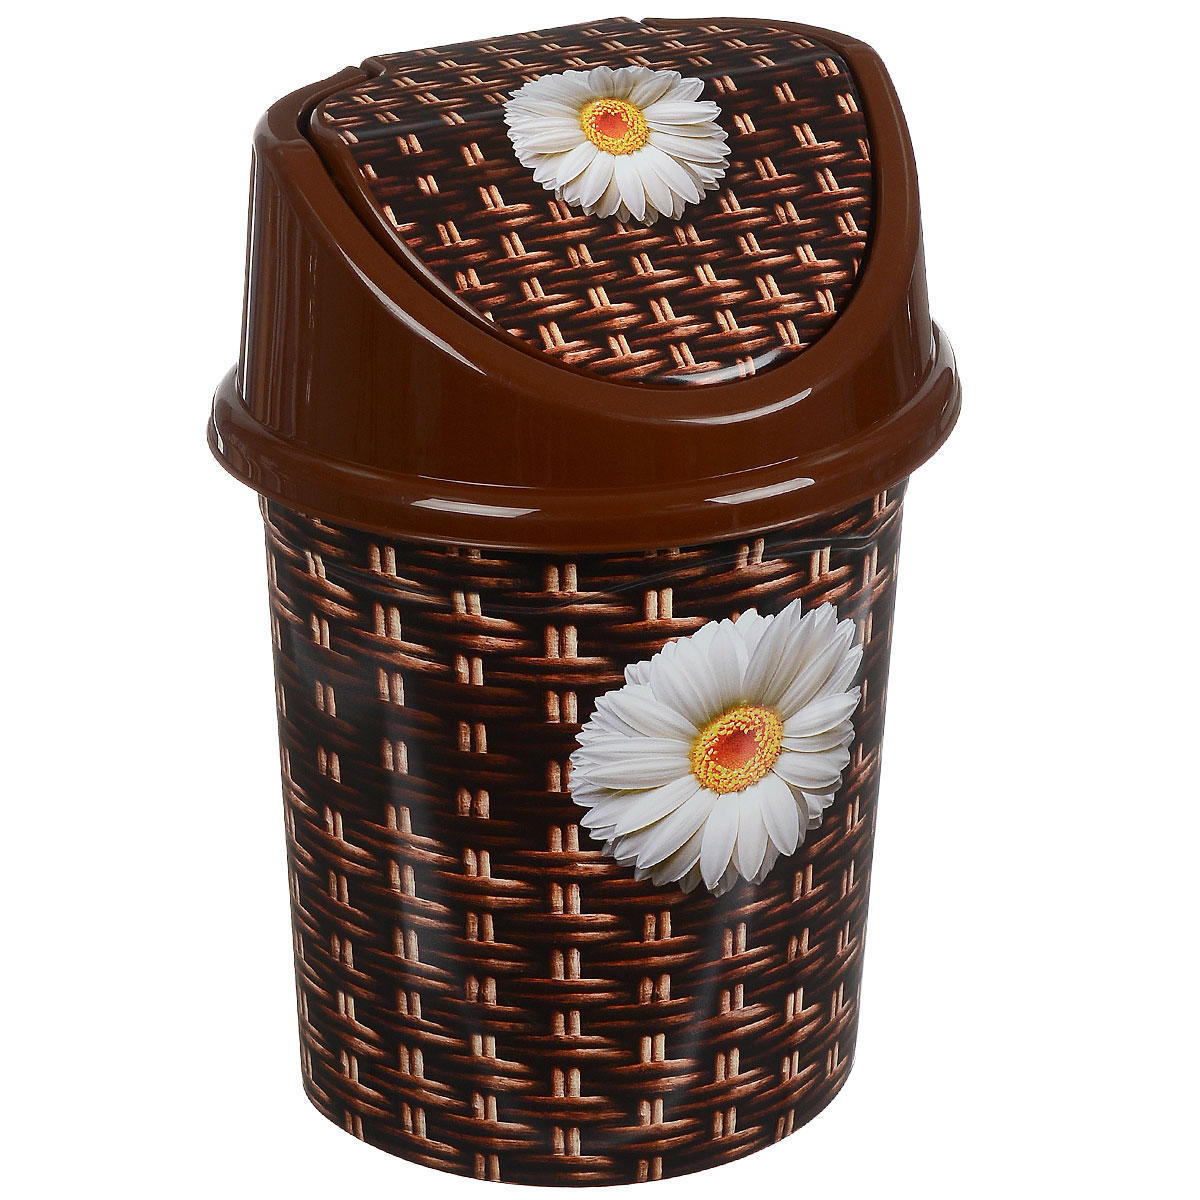 Контейнер для мусора Violet Плетенка, цвет: коричневый, белый, желтый, 8 л531-105Контейнер для мусора Violet Плетенка выполнен из пластика и декорирован ярким рисунком. Такой аксессуар очень удобен в использовании, как дома, так и в офисе. Оснащен крышкой с подвижной перегородкой.Размер контейнера (без учета крышки): 25 см х 20 см х 26 см.